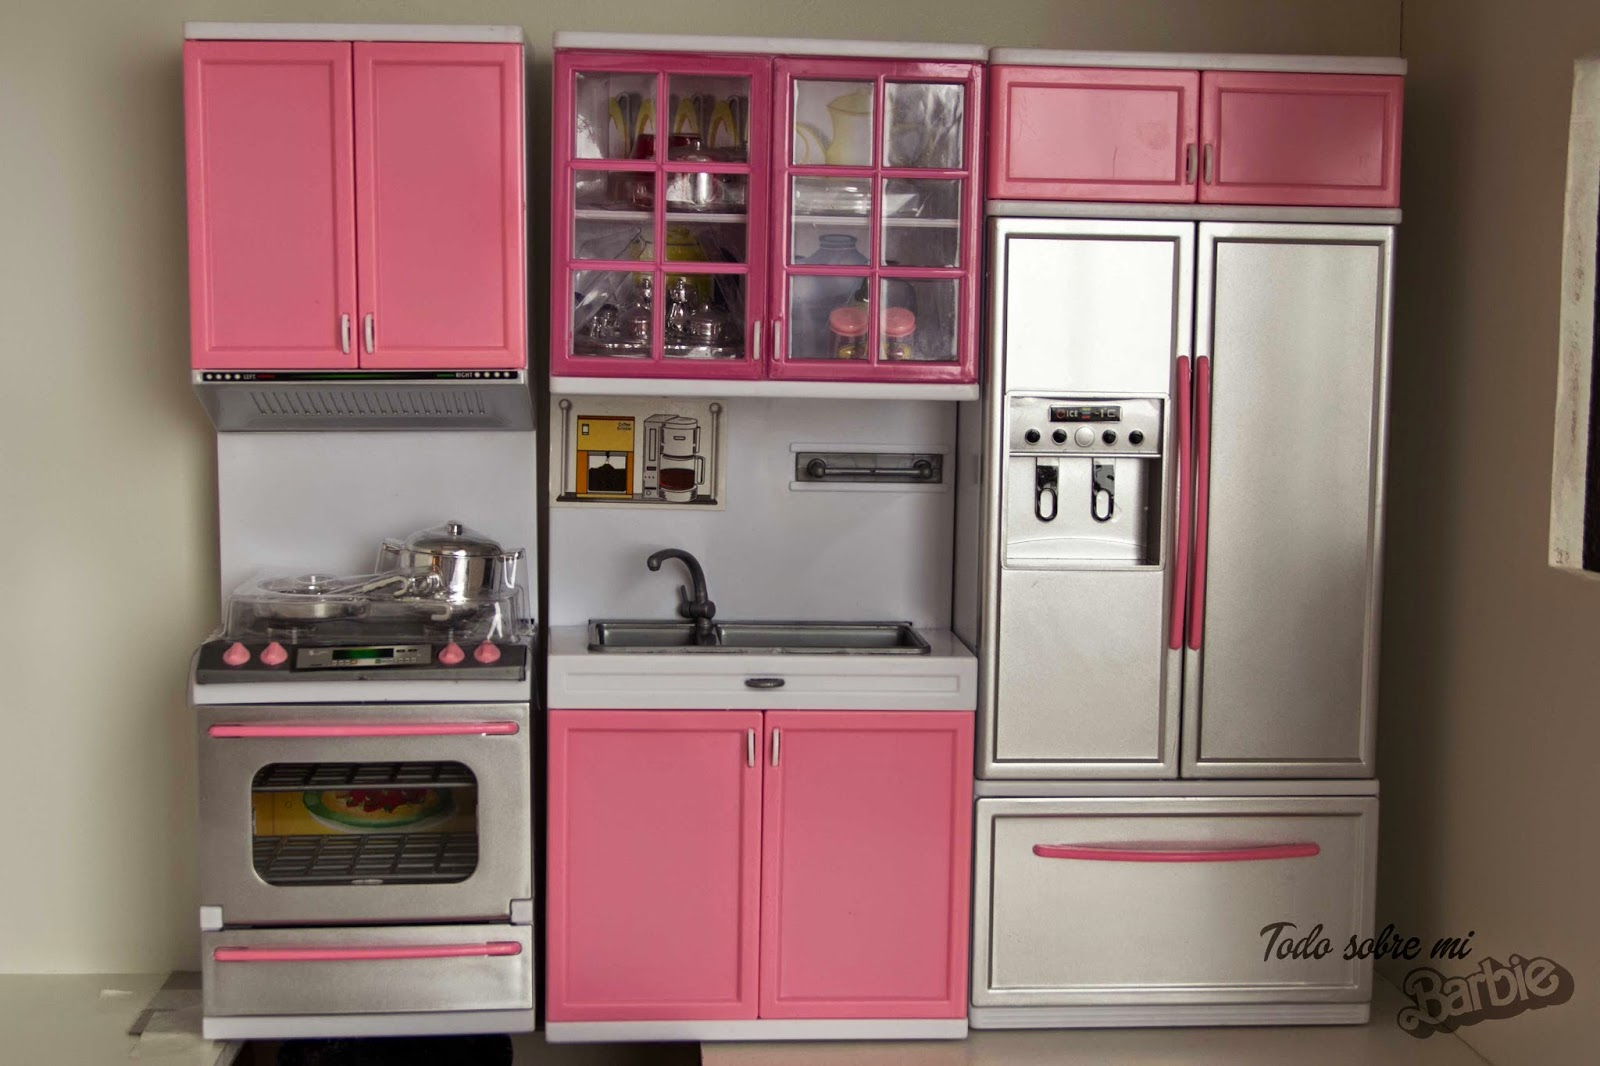 Todo sobre mi Barbie: Regalos de cumple II, cocina